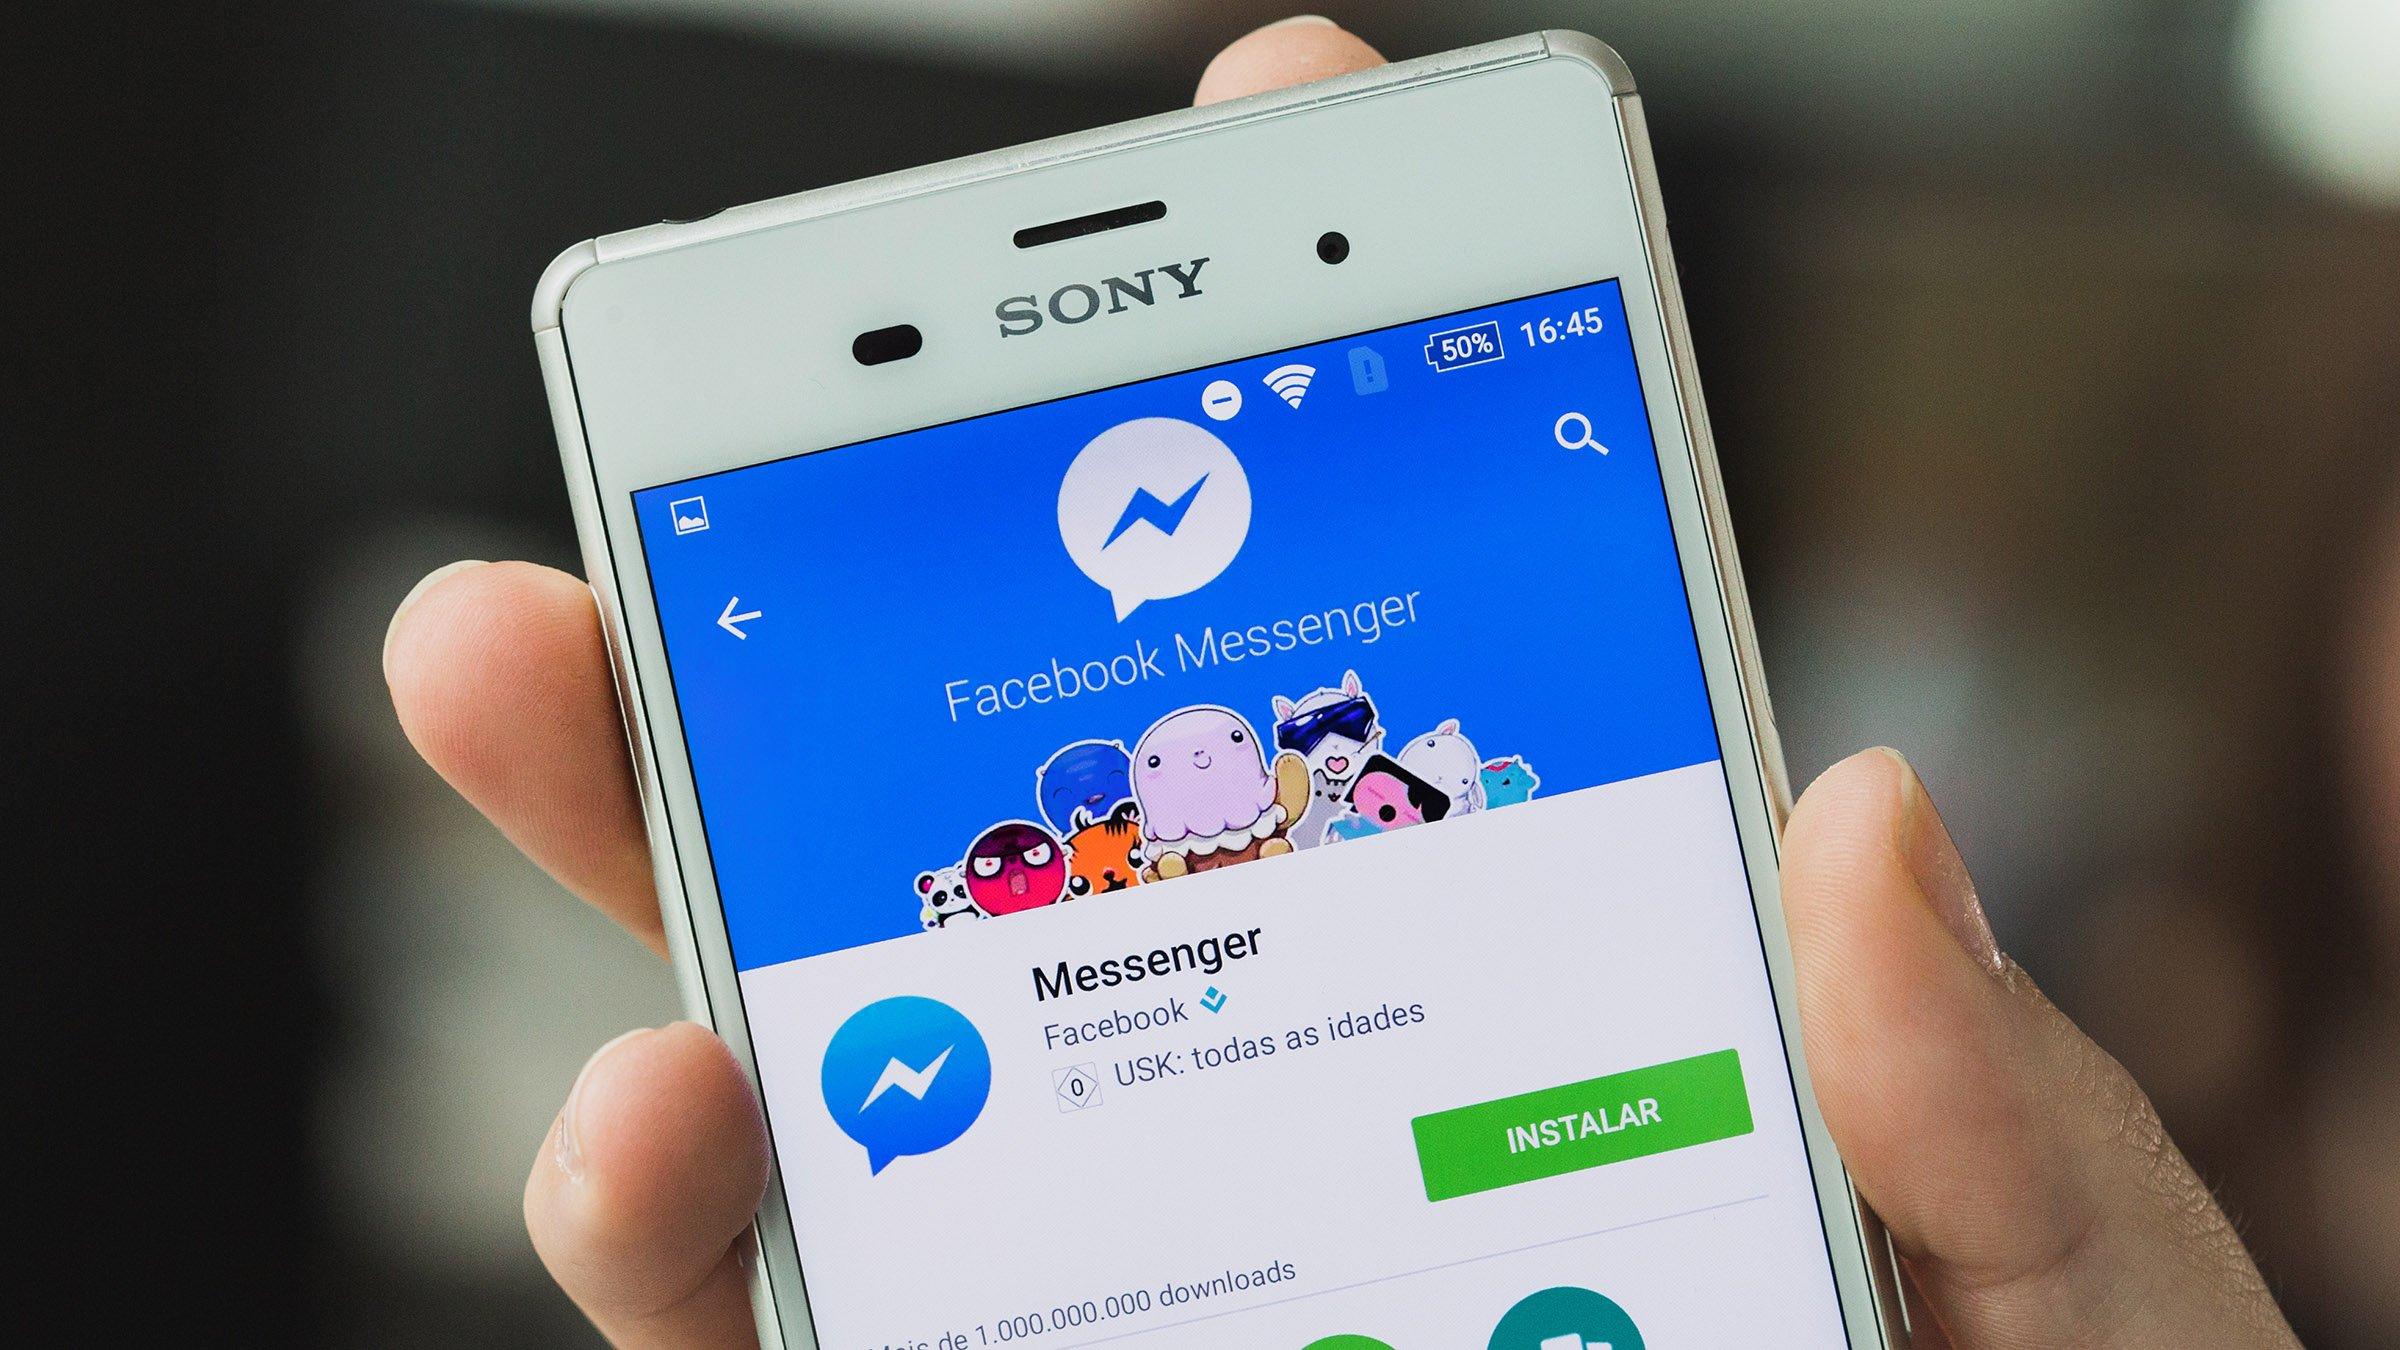 facebook messenger dark mode kommt auf die dunkle seite androidpit. Black Bedroom Furniture Sets. Home Design Ideas